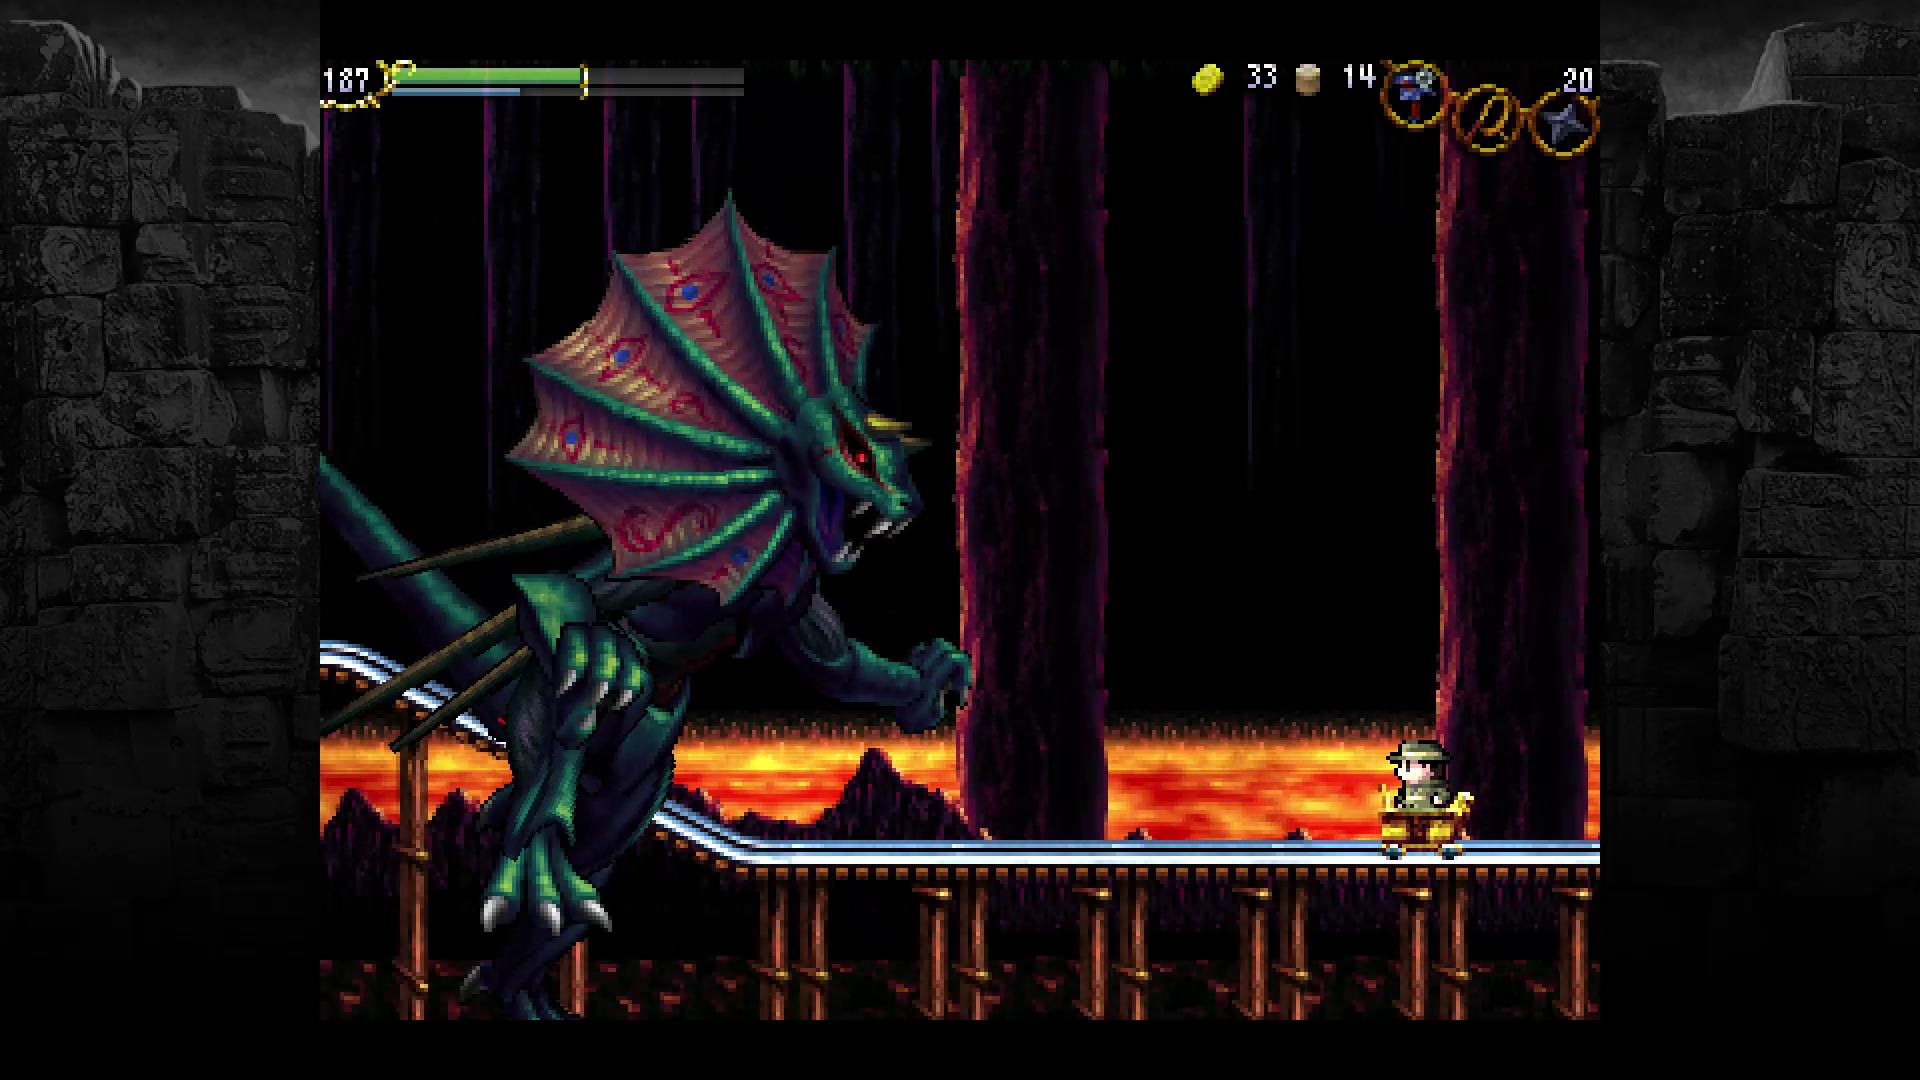 La-Mulana 1 & 2: pubblicato un nuovo trailer di gameplay thumbnail